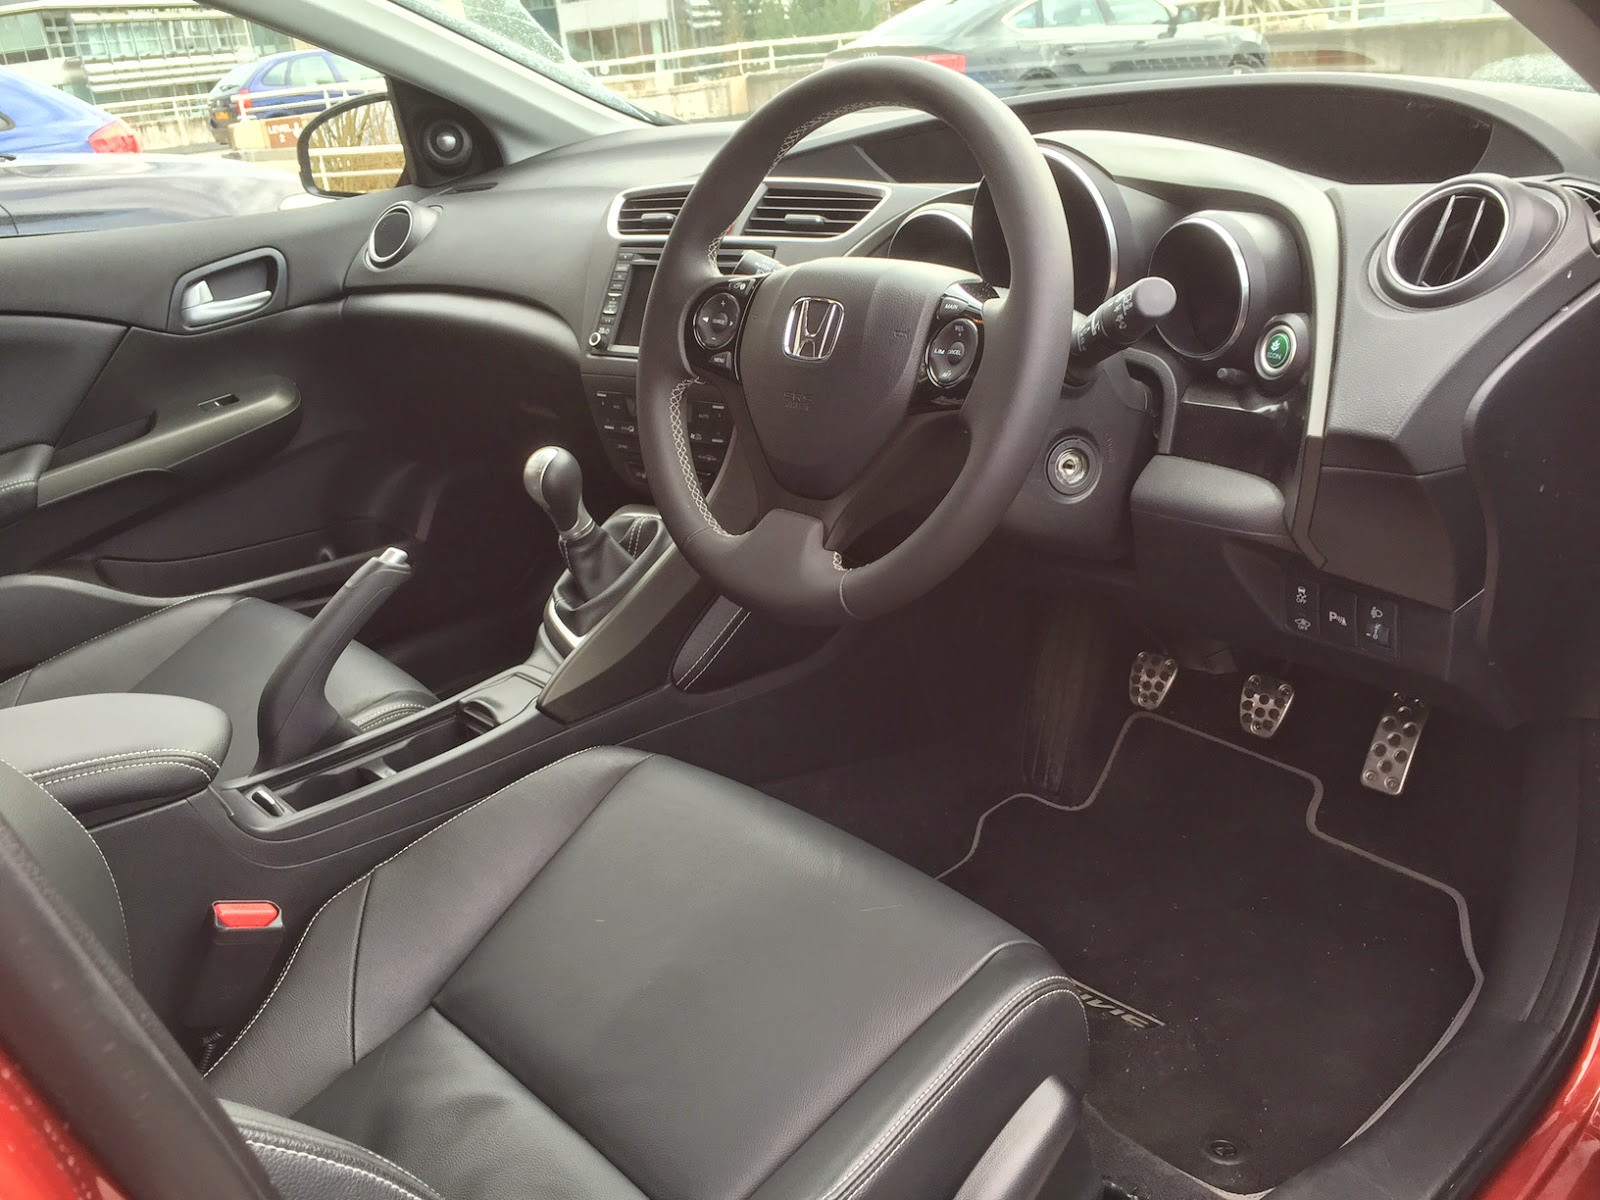 Honda Civic SR 1.6 i-DTEC